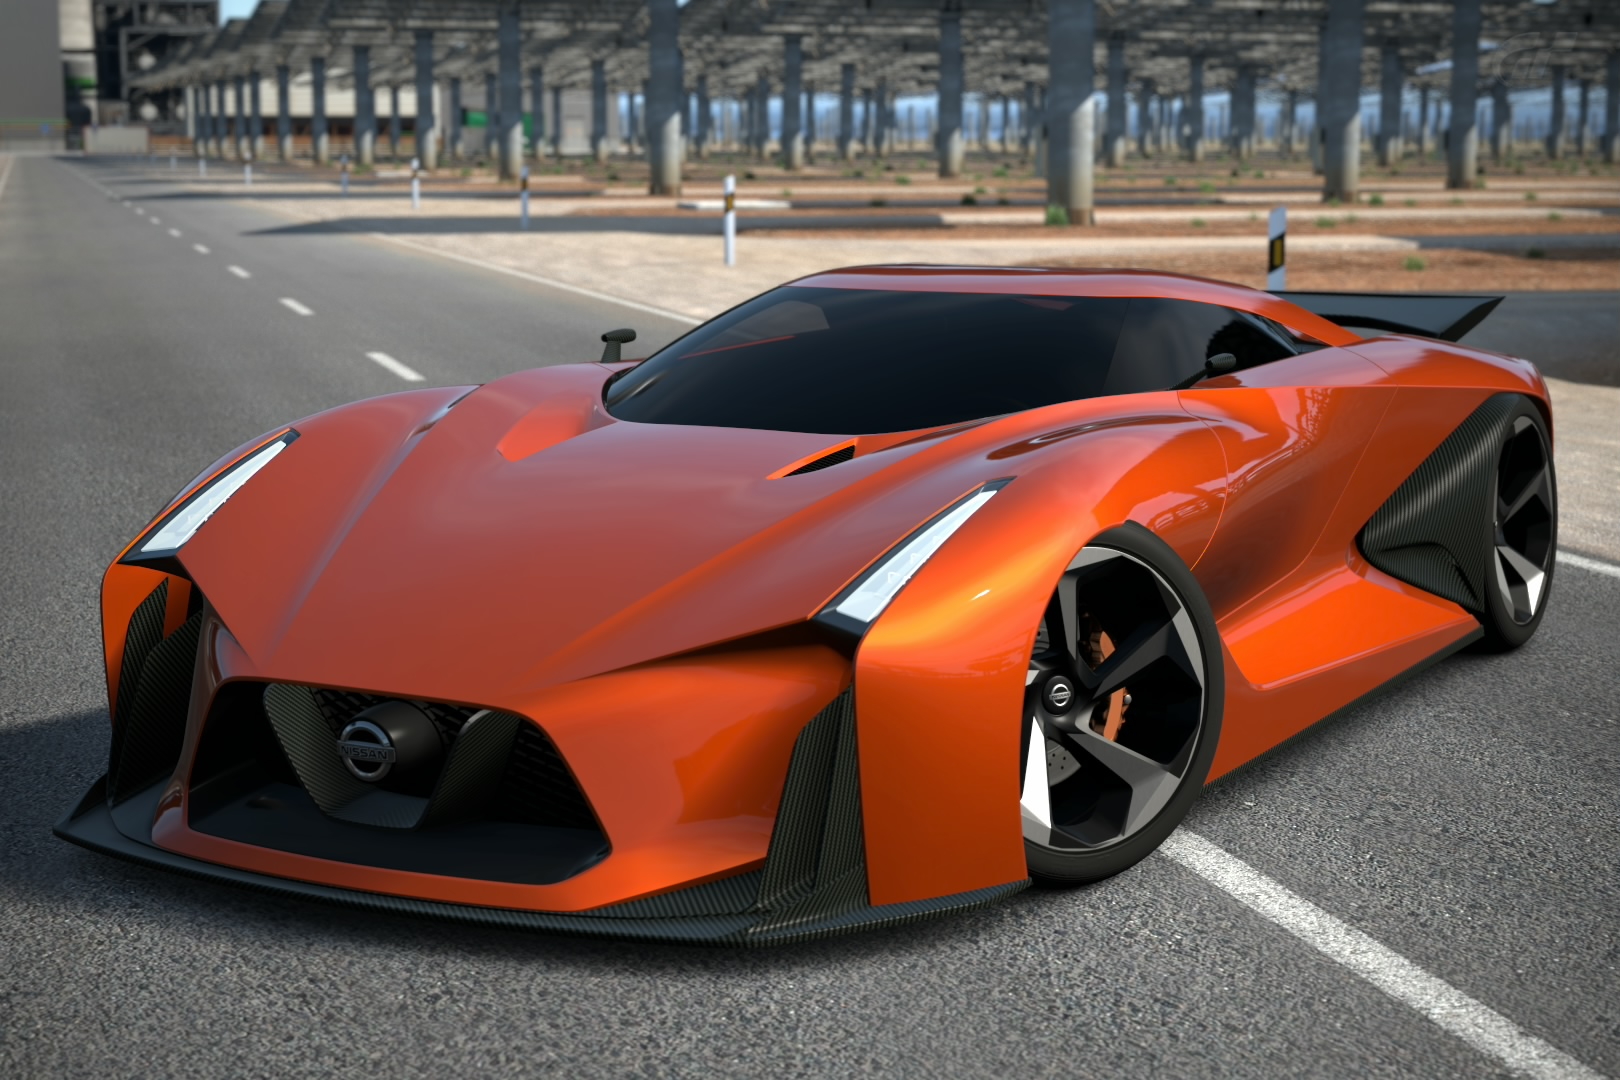 Од Nissan тврдат дека новиот GT-R ќе биде најбрзиот спортски автомобил во светот